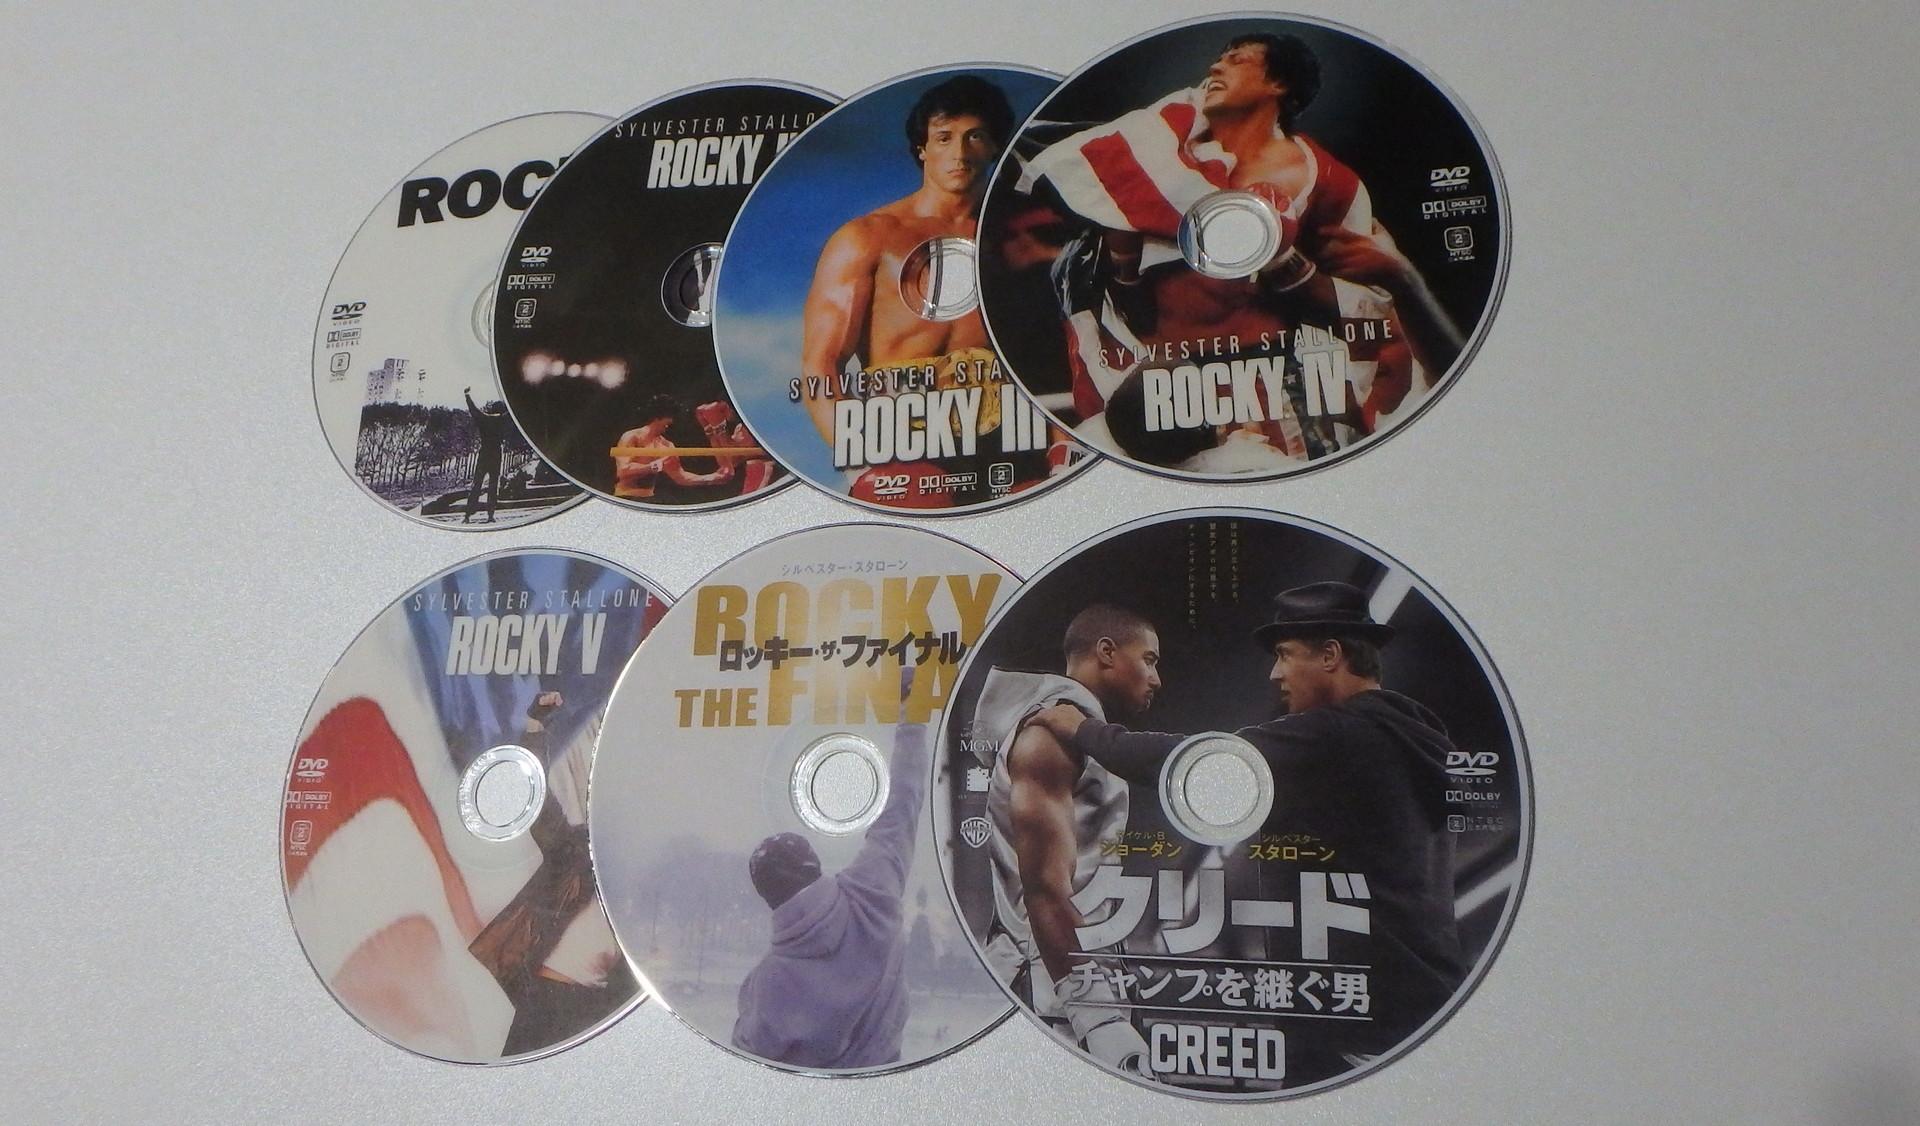 映画「ロッキー」シリーズを一気に観る